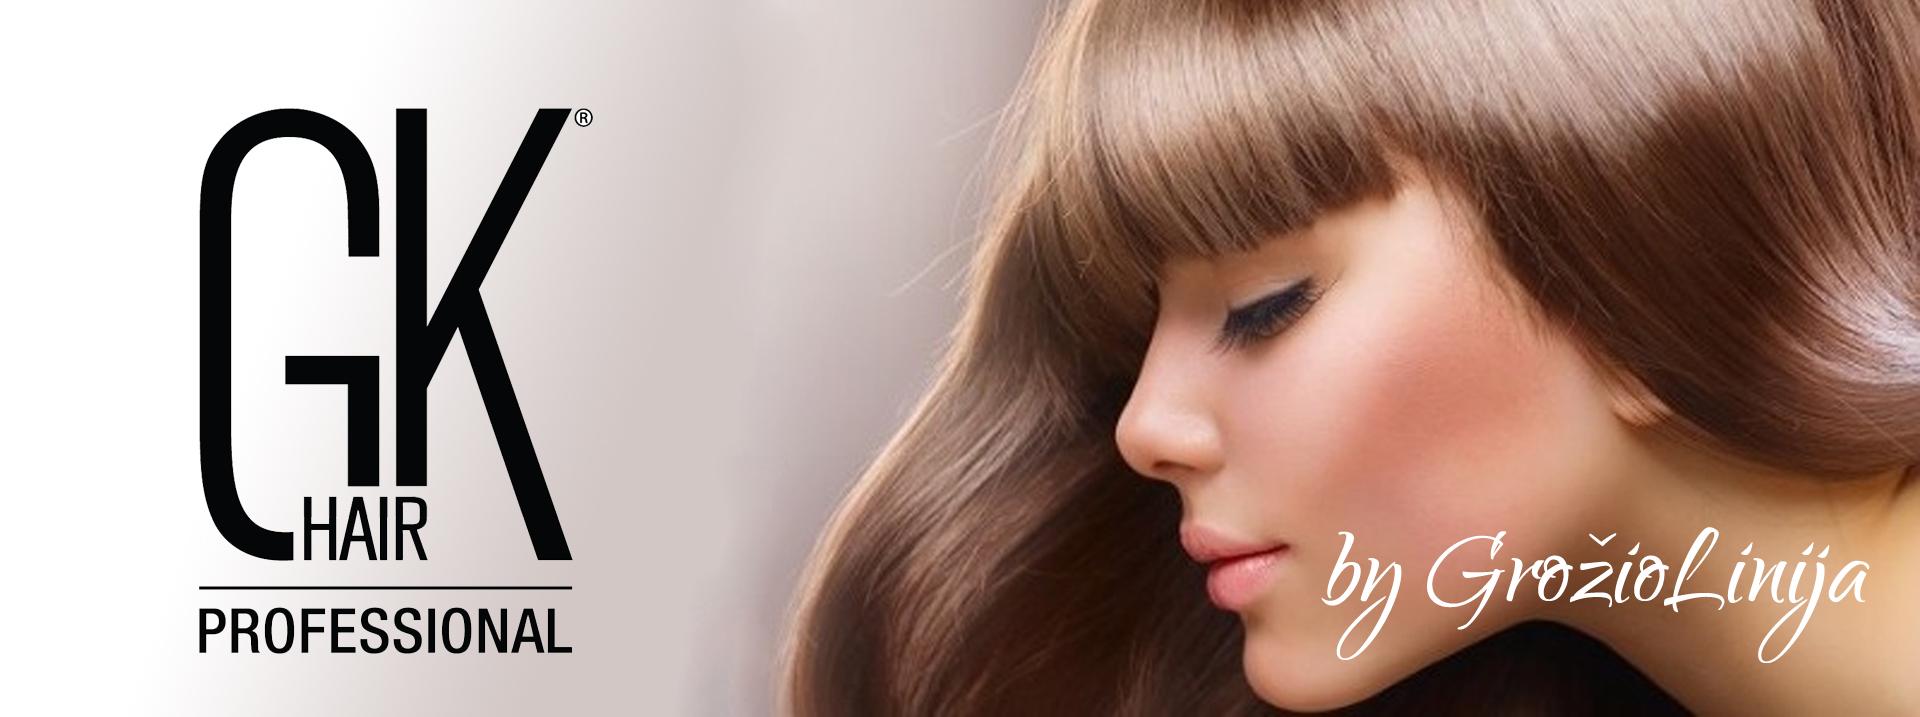 Ilgalaikis plauku tiesinimas global keratinu groziolinija.com